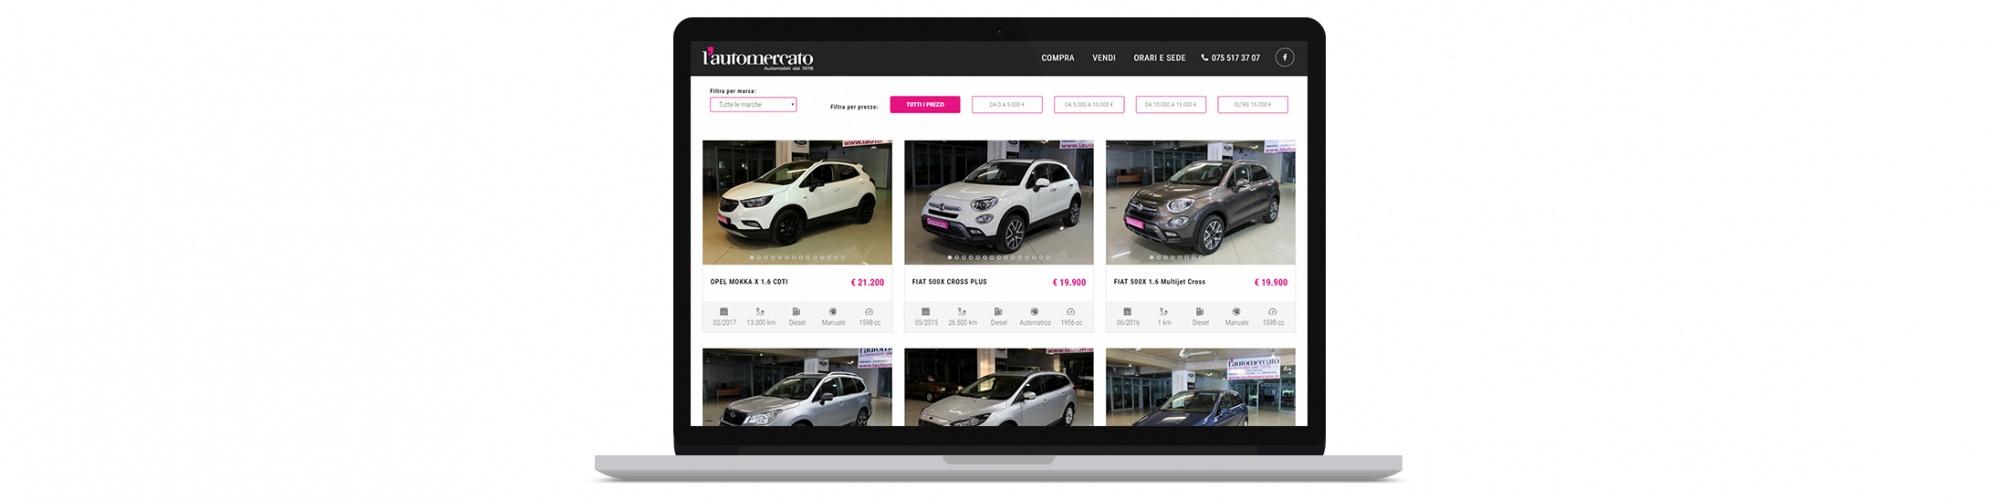 Perugia realizzazione shop online